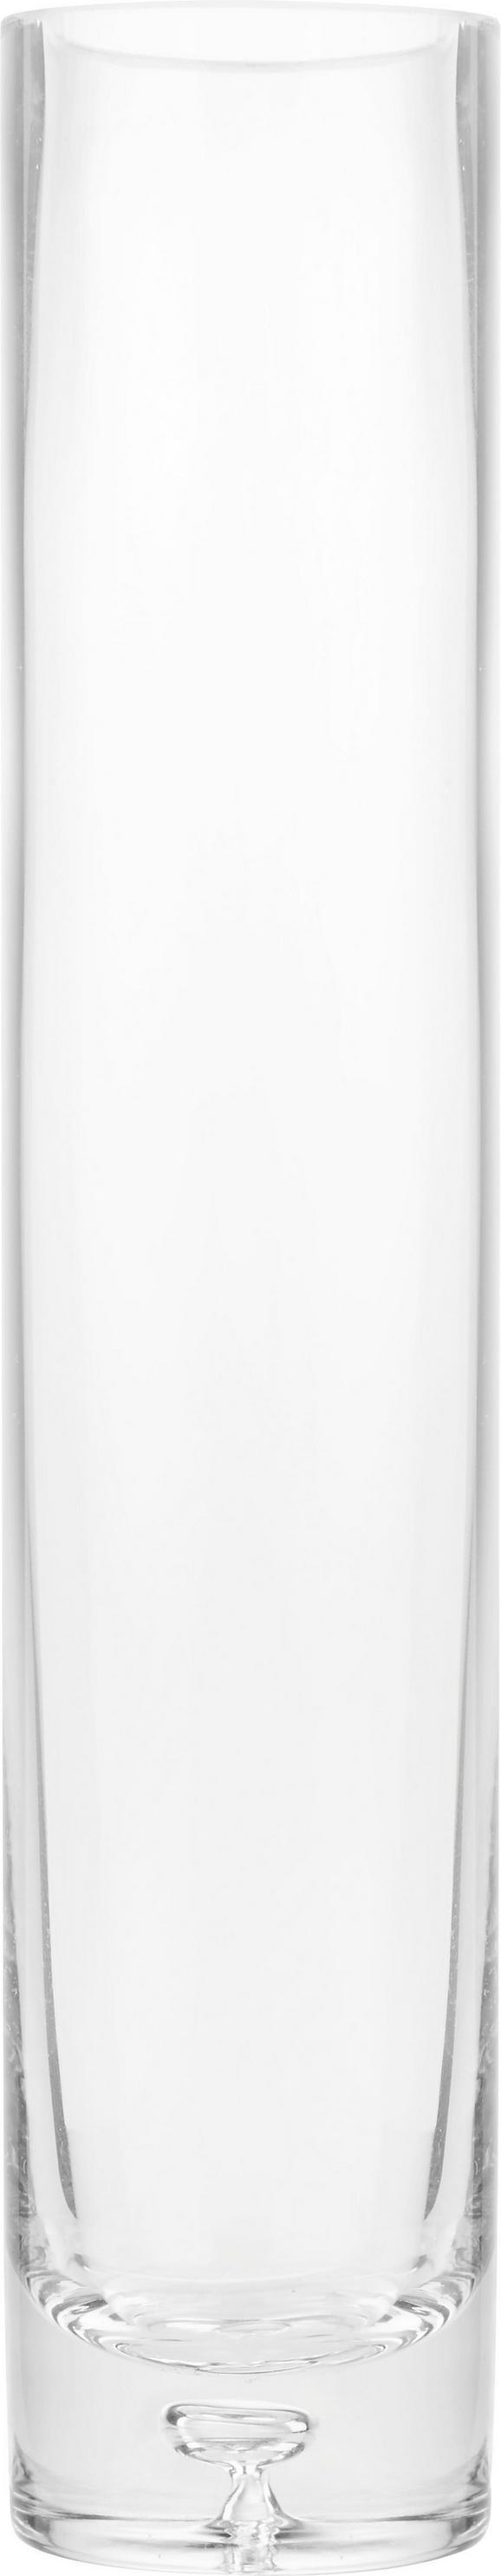 Váza Bubble - tiszta, üveg (5,5/30cm) - MÖMAX modern living